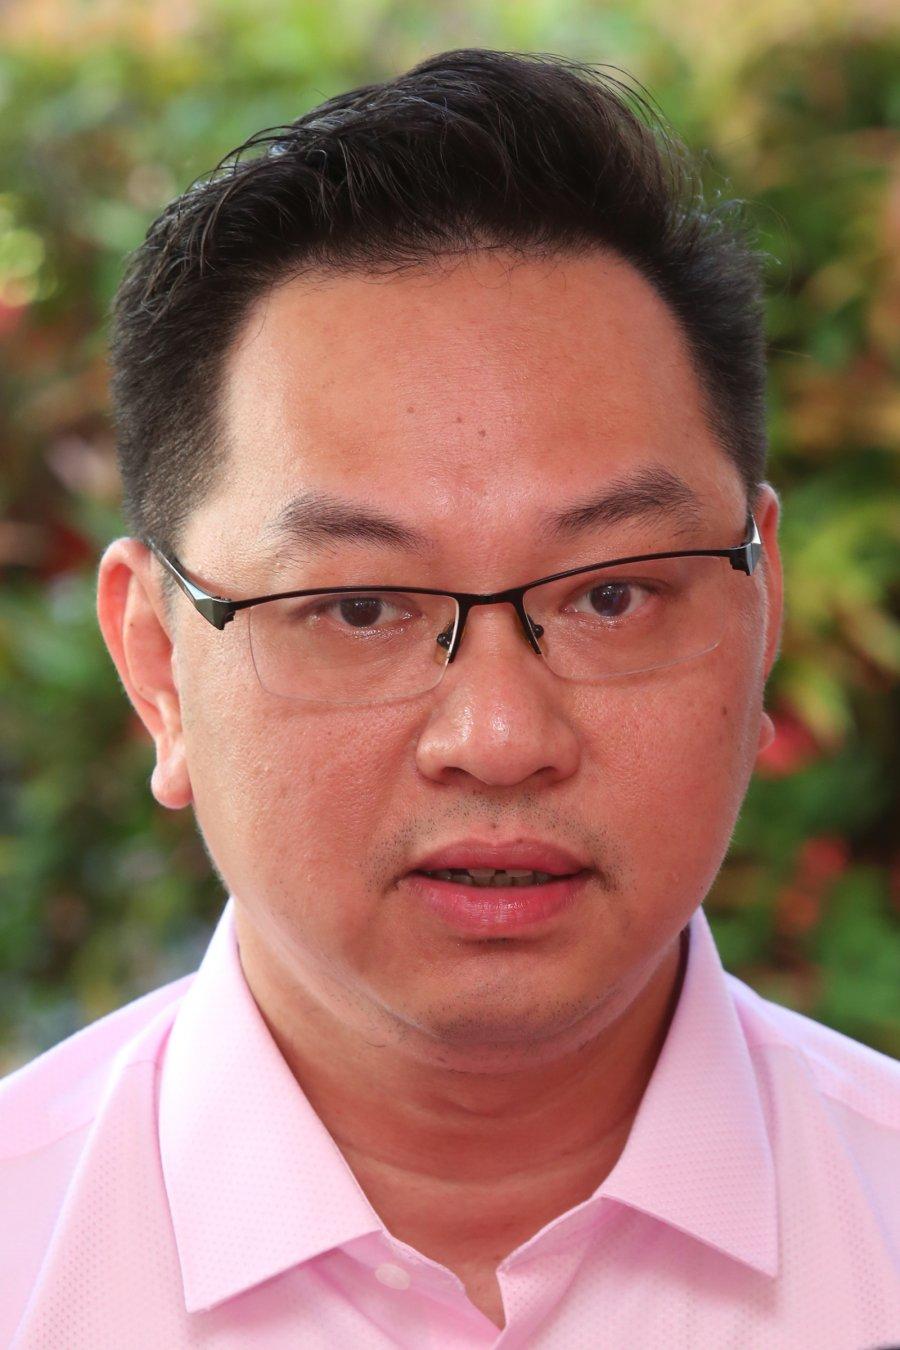 潘伟斯:疫情未受控 暂不适合大选